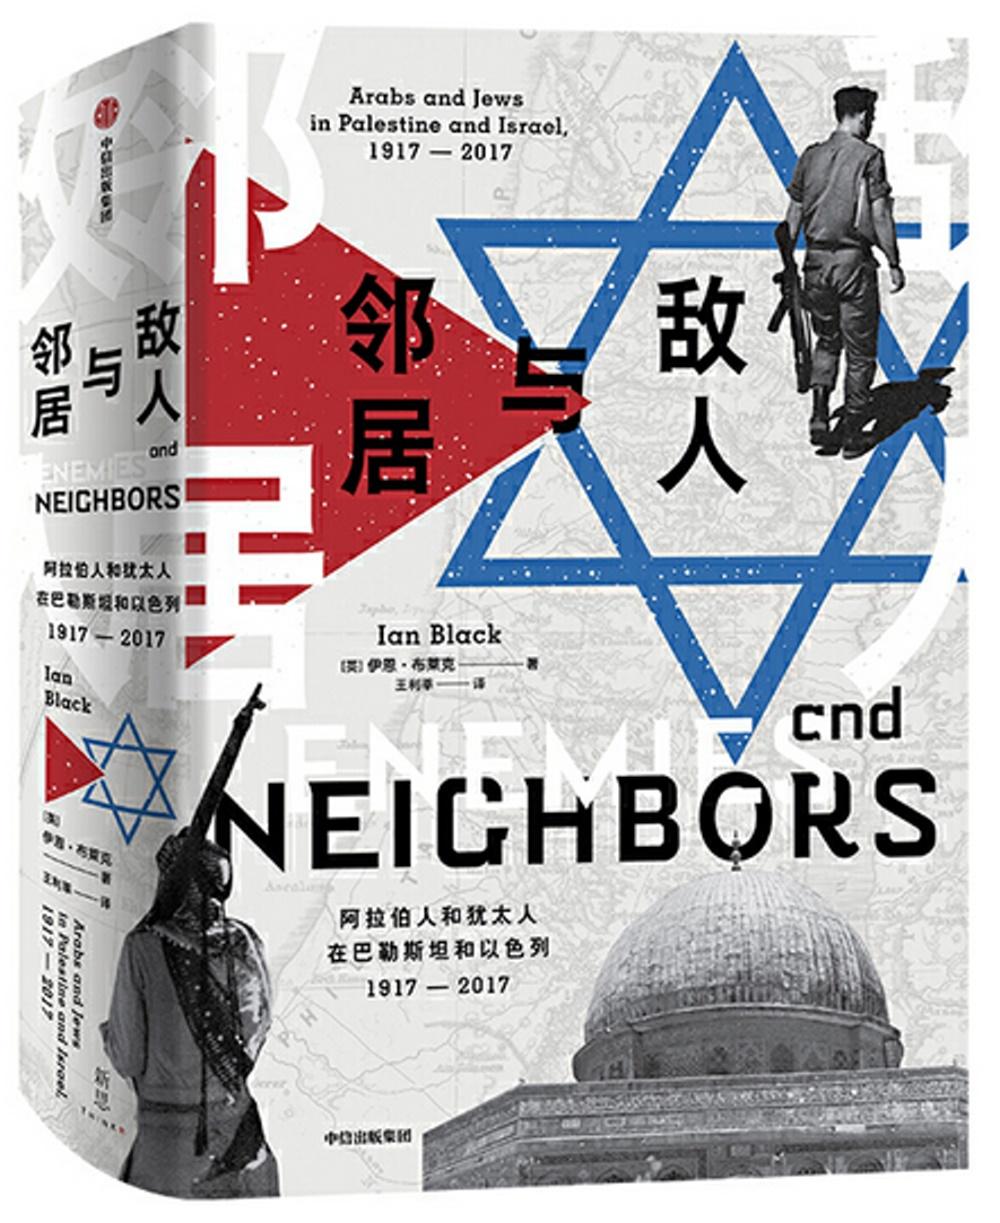 敵人與鄰居:阿拉伯人和猶太人在...